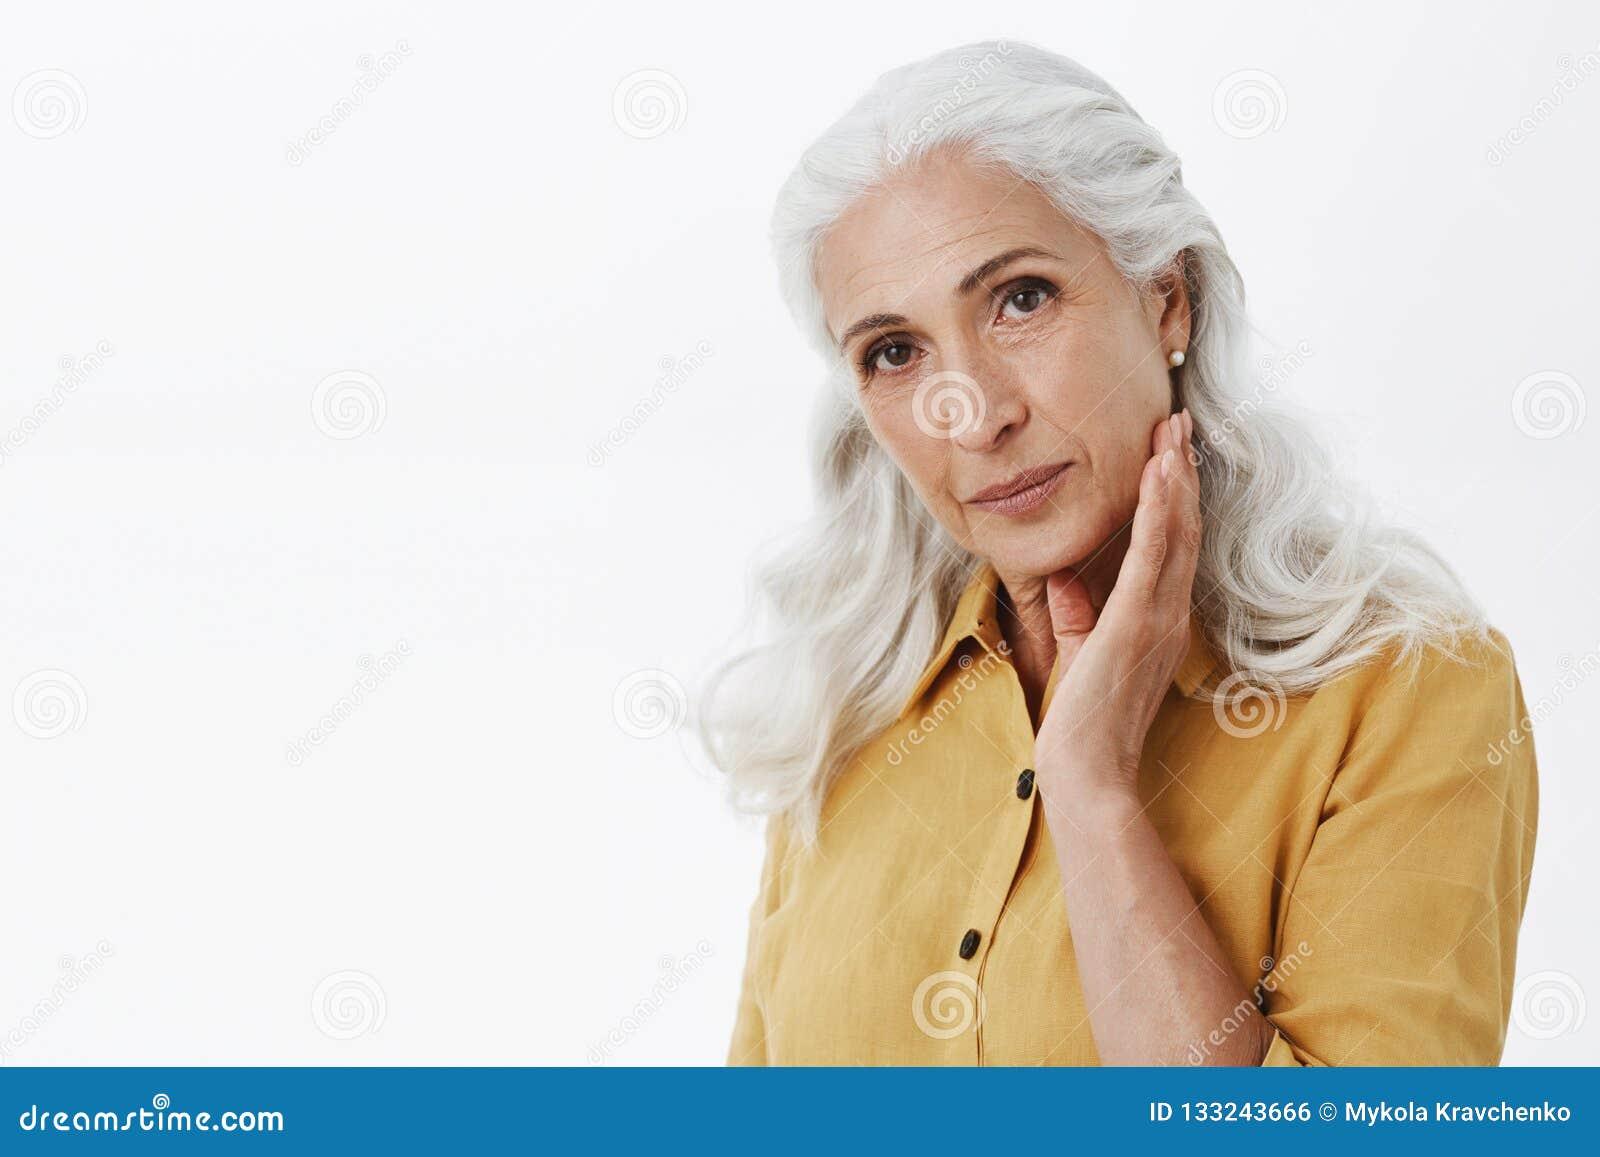 Säker och kvinnlig elegant äldre kvinna med långt vitt hår i det stilfulla gula dikelaget som försiktigt trycker på framsidan och